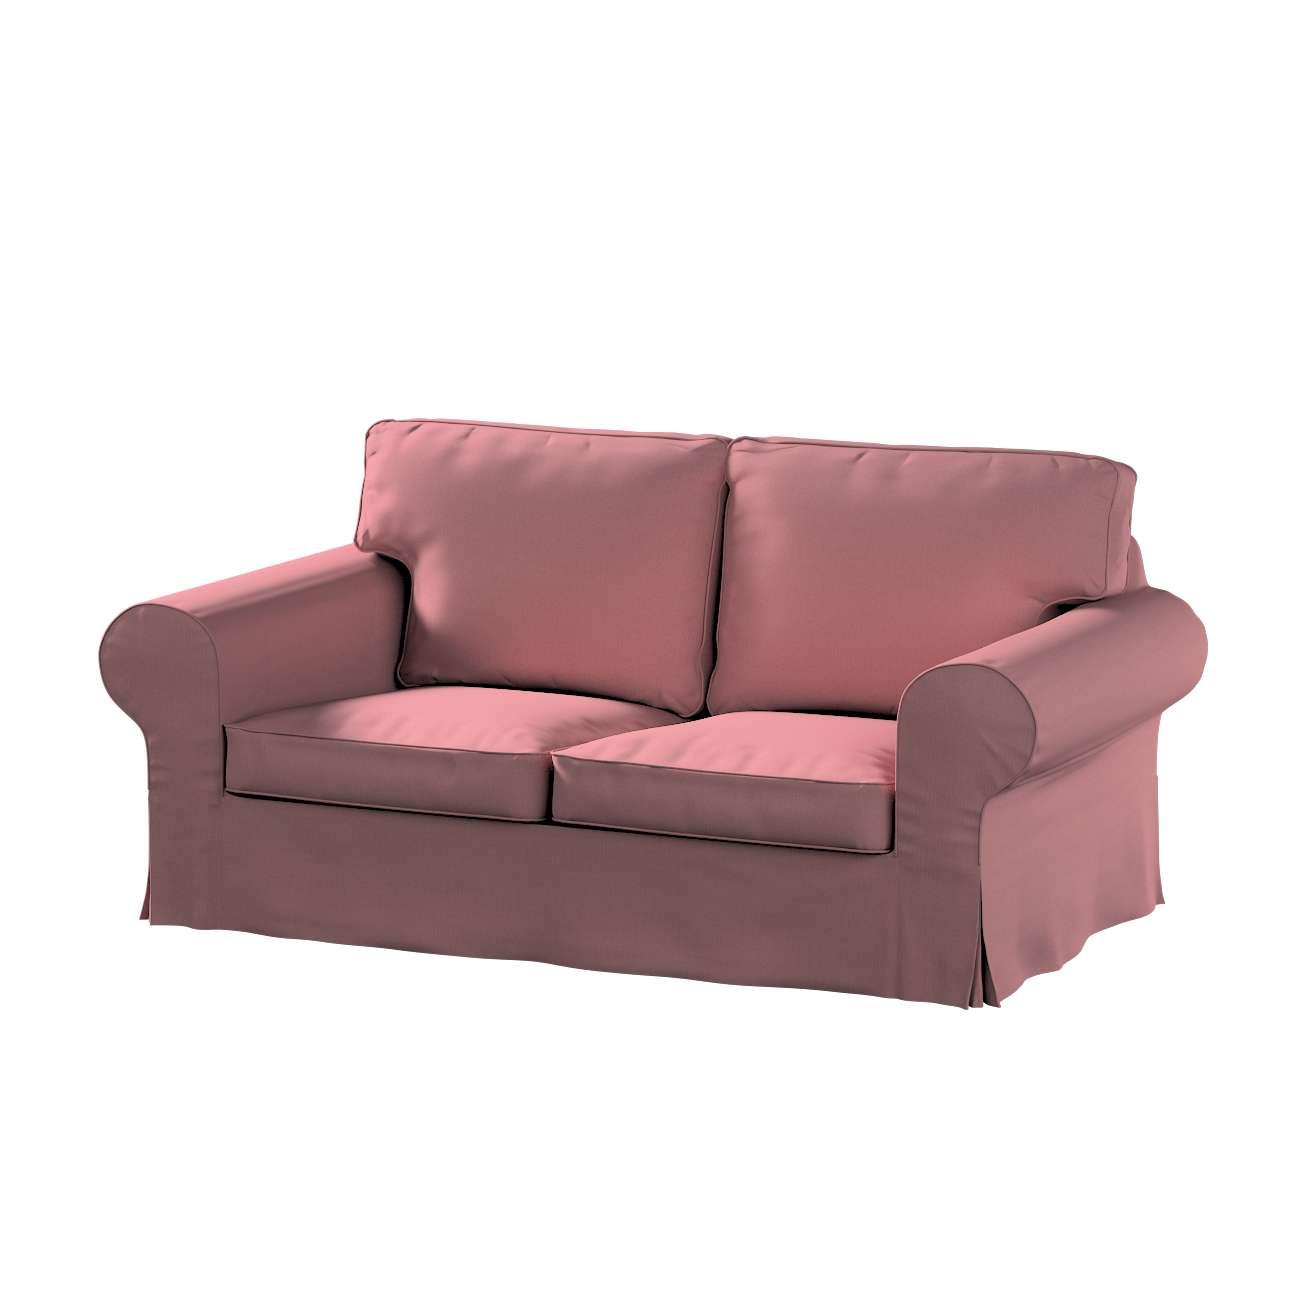 Pokrowiec na sofę Ektorp 2-osobową, nierozkładaną w kolekcji Cotton Panama, tkanina: 702-43